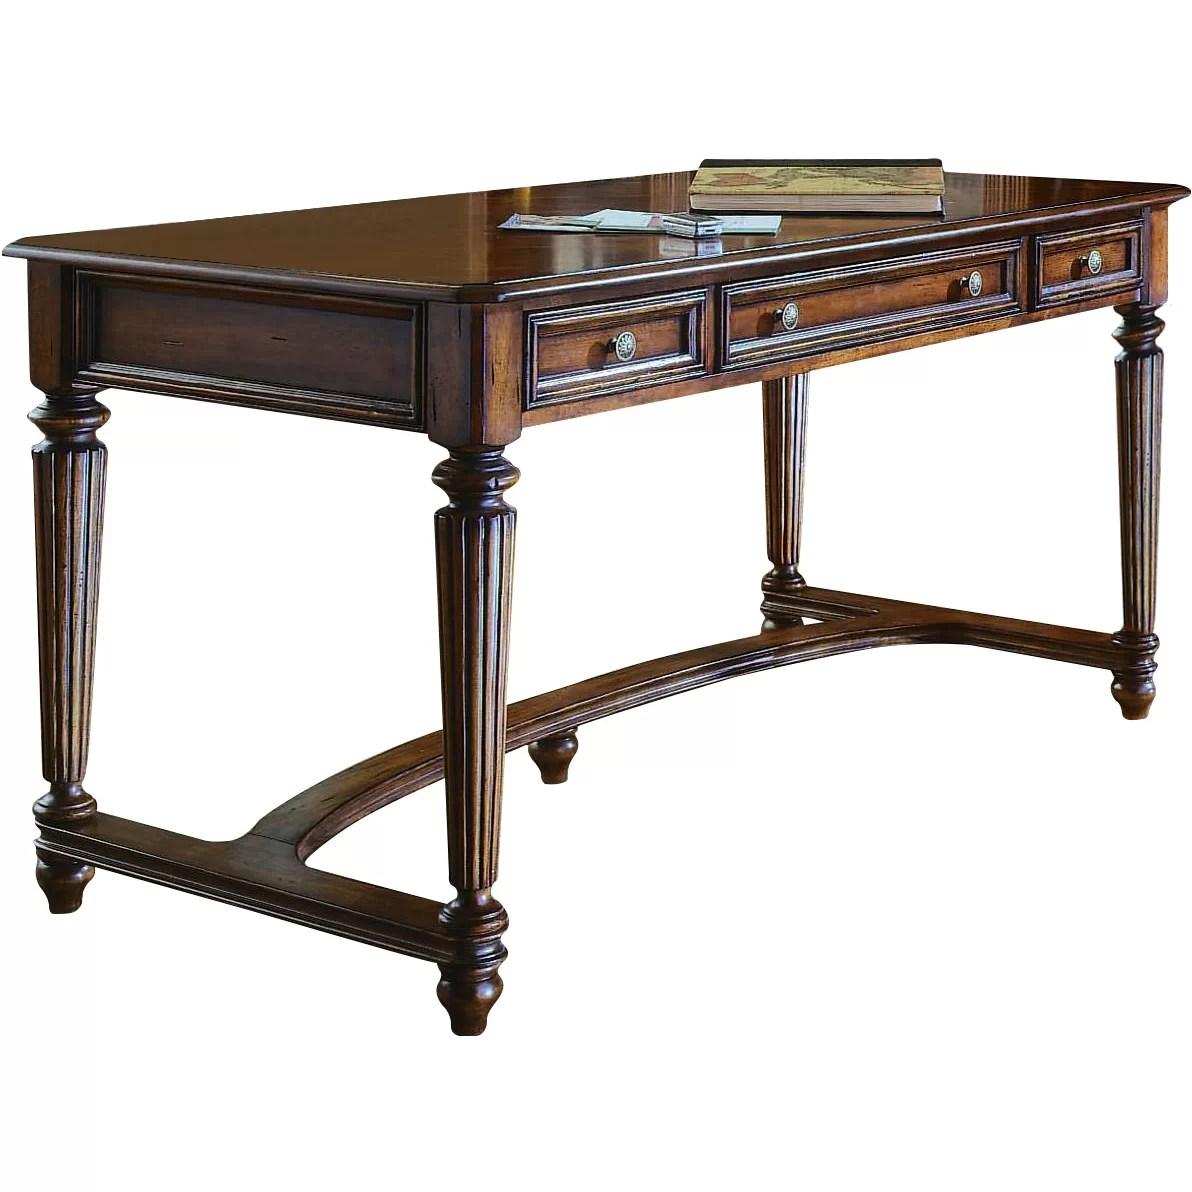 Hooker Furniture Brookhaven Computer Desk with Keyboard